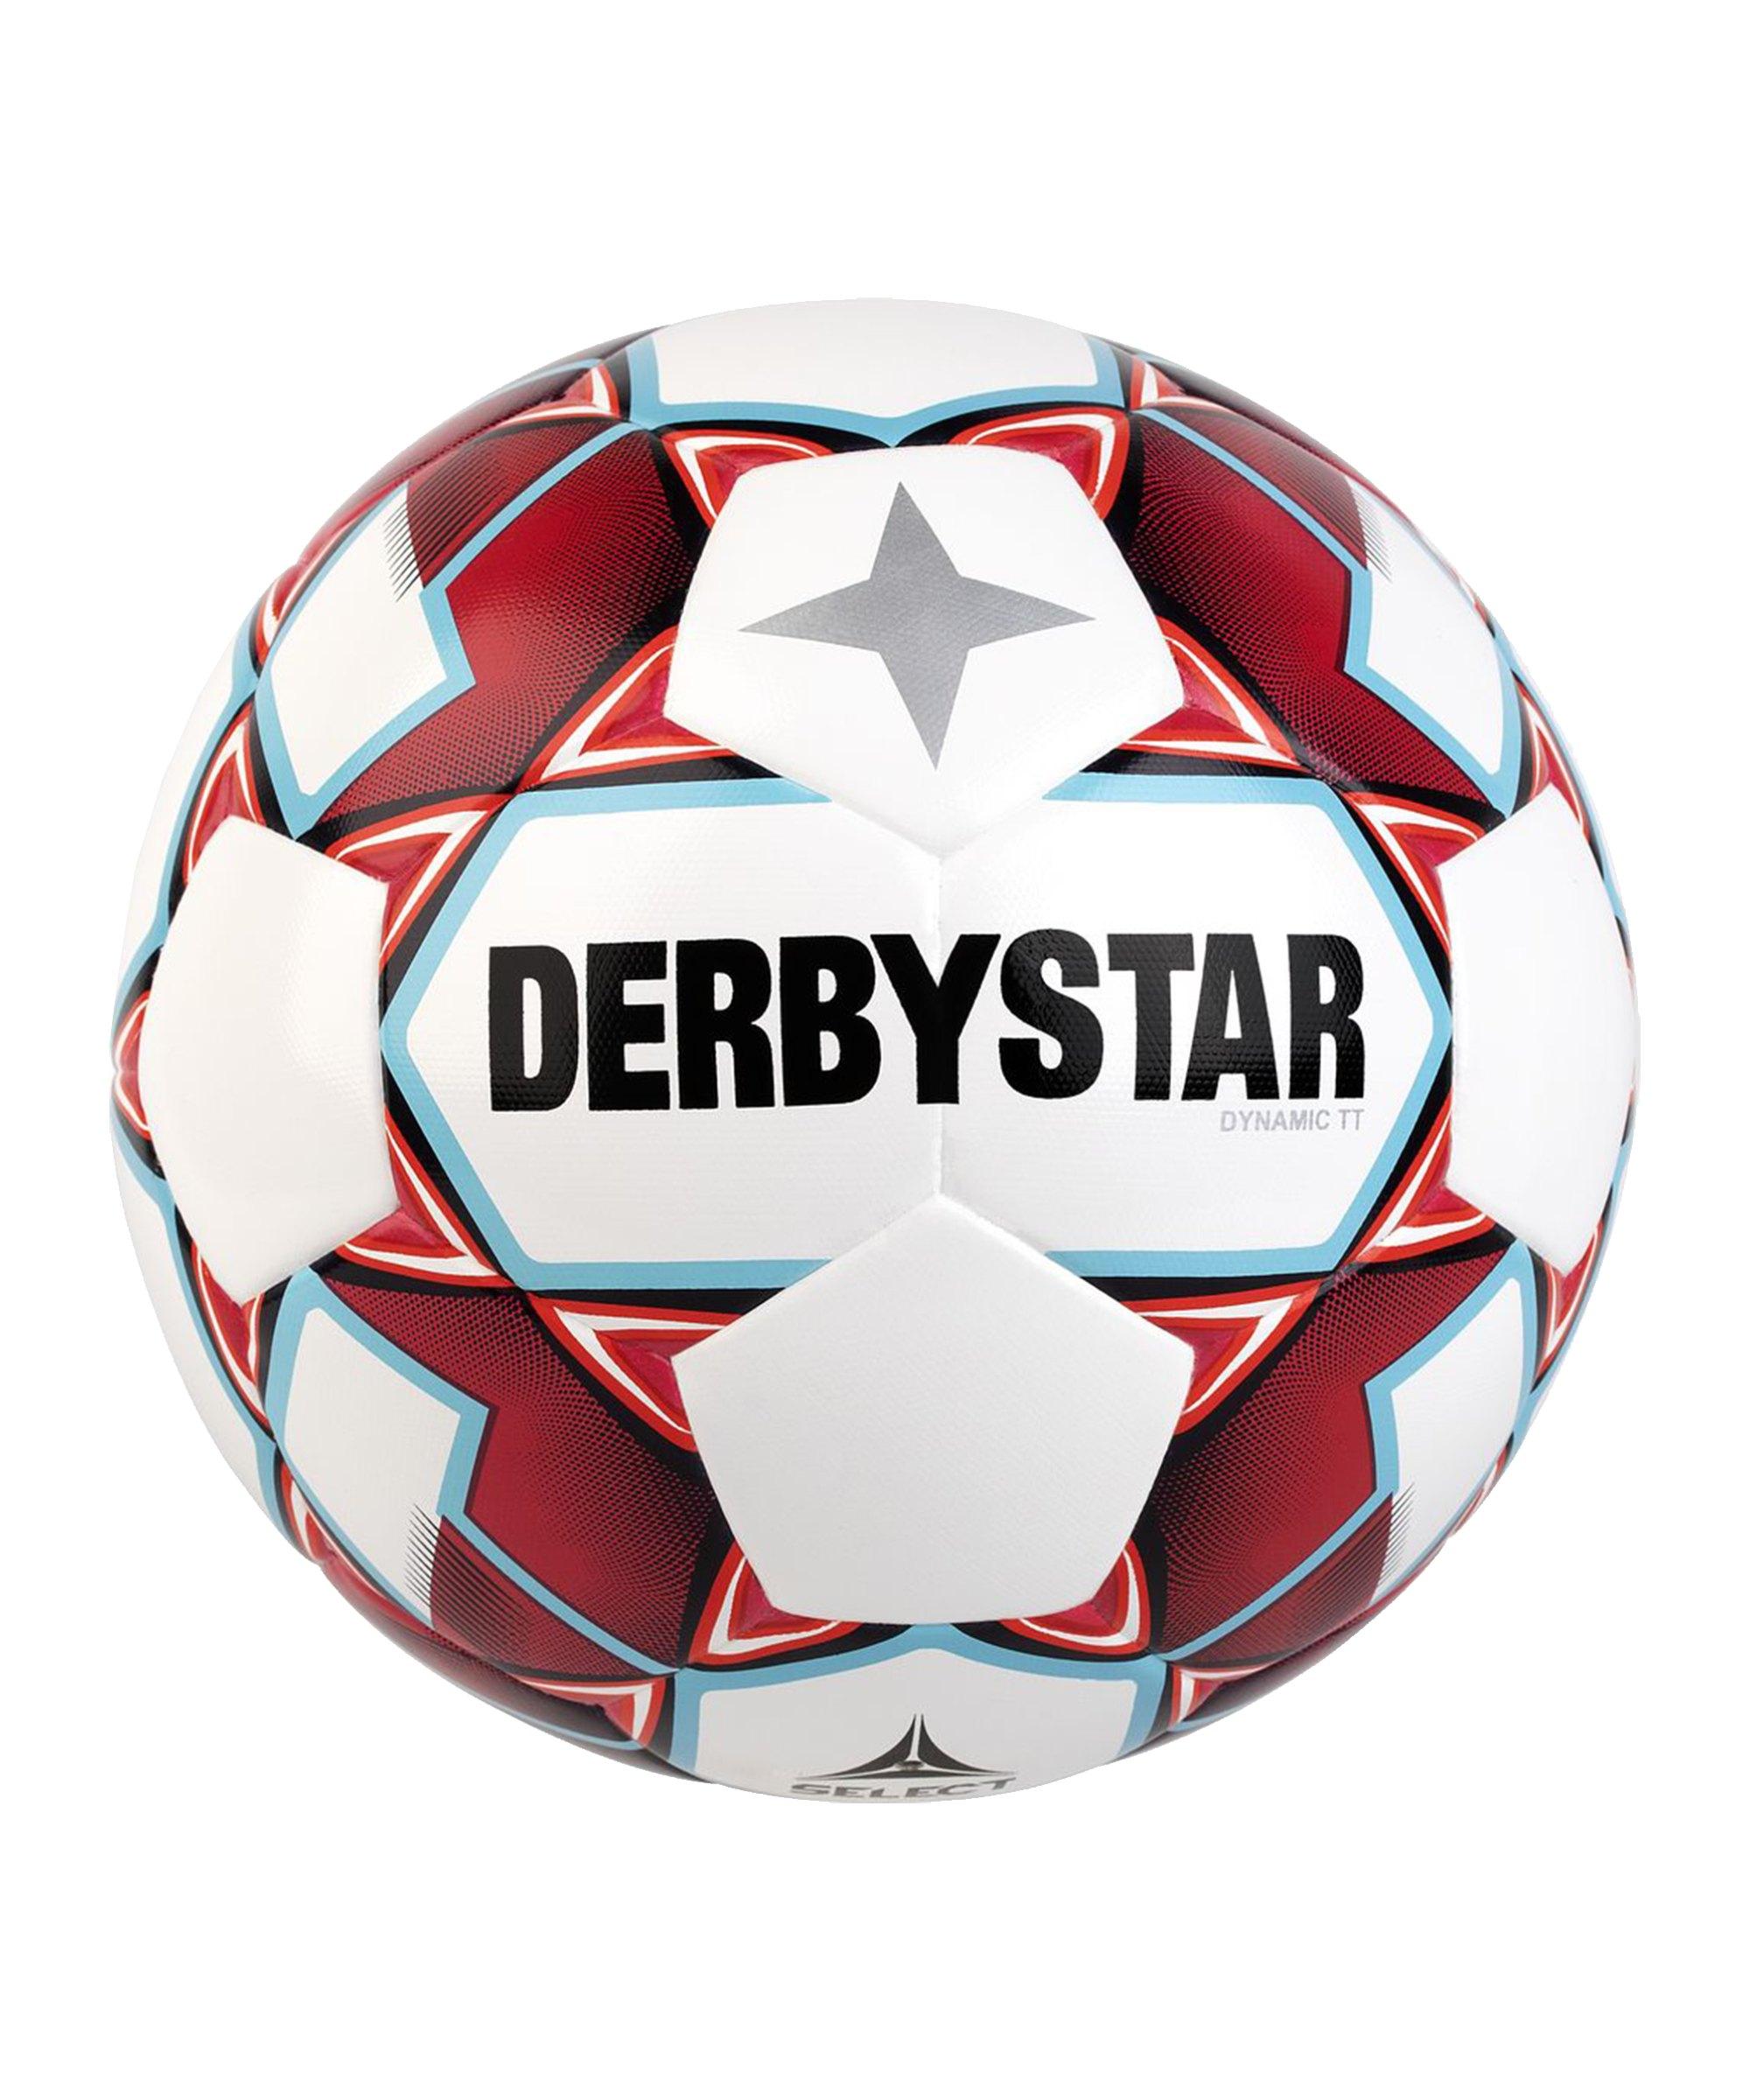 Derbystar Dynamic TT v20 Trainingsball Weiss F136 - weiss